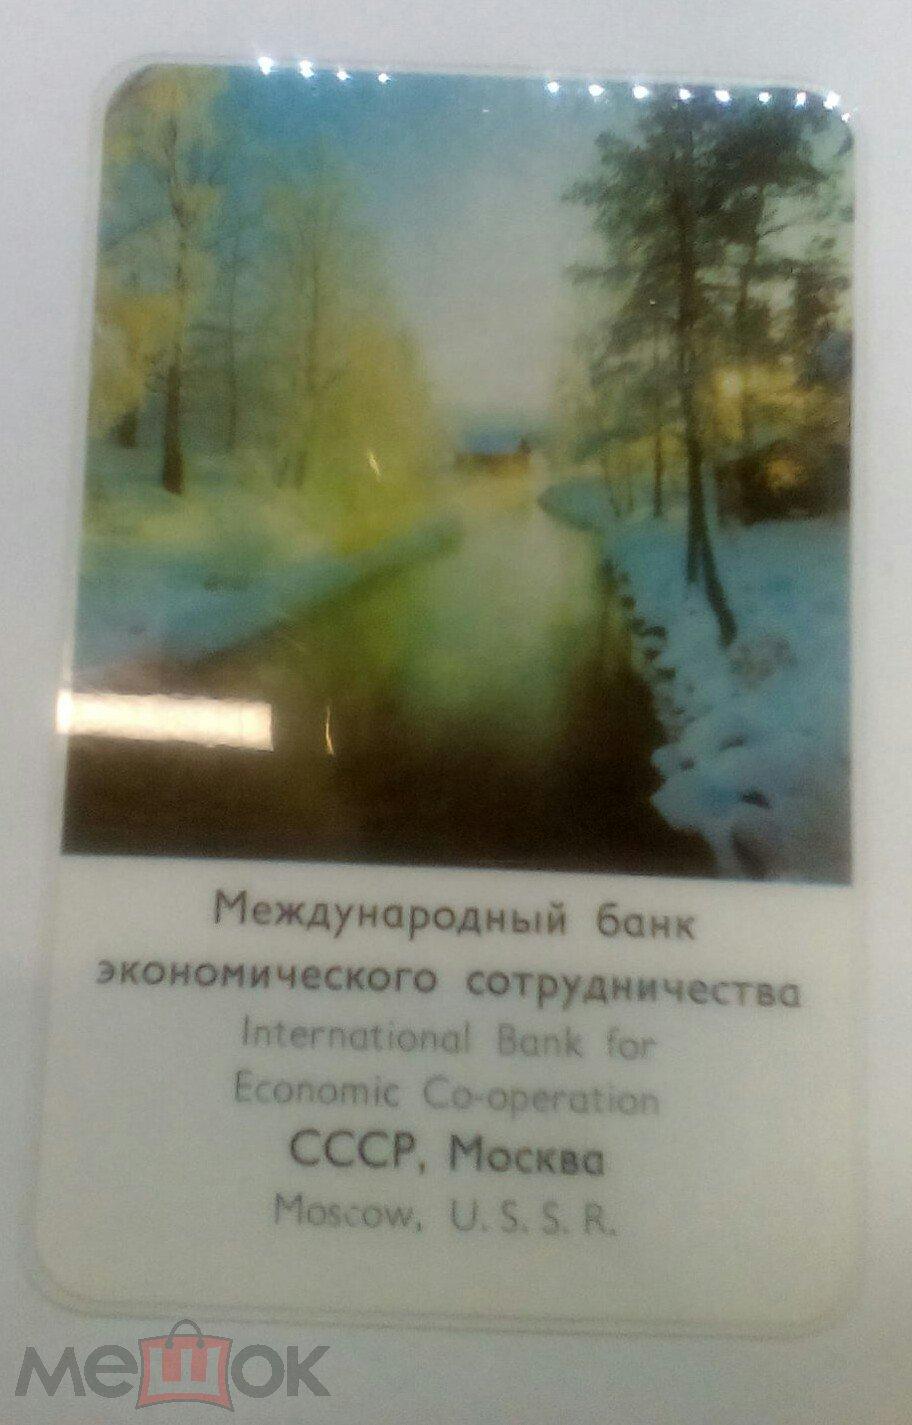 Карманный календарь.1974 год. реклама Международный банк экономического содружества USSR MOSCOW